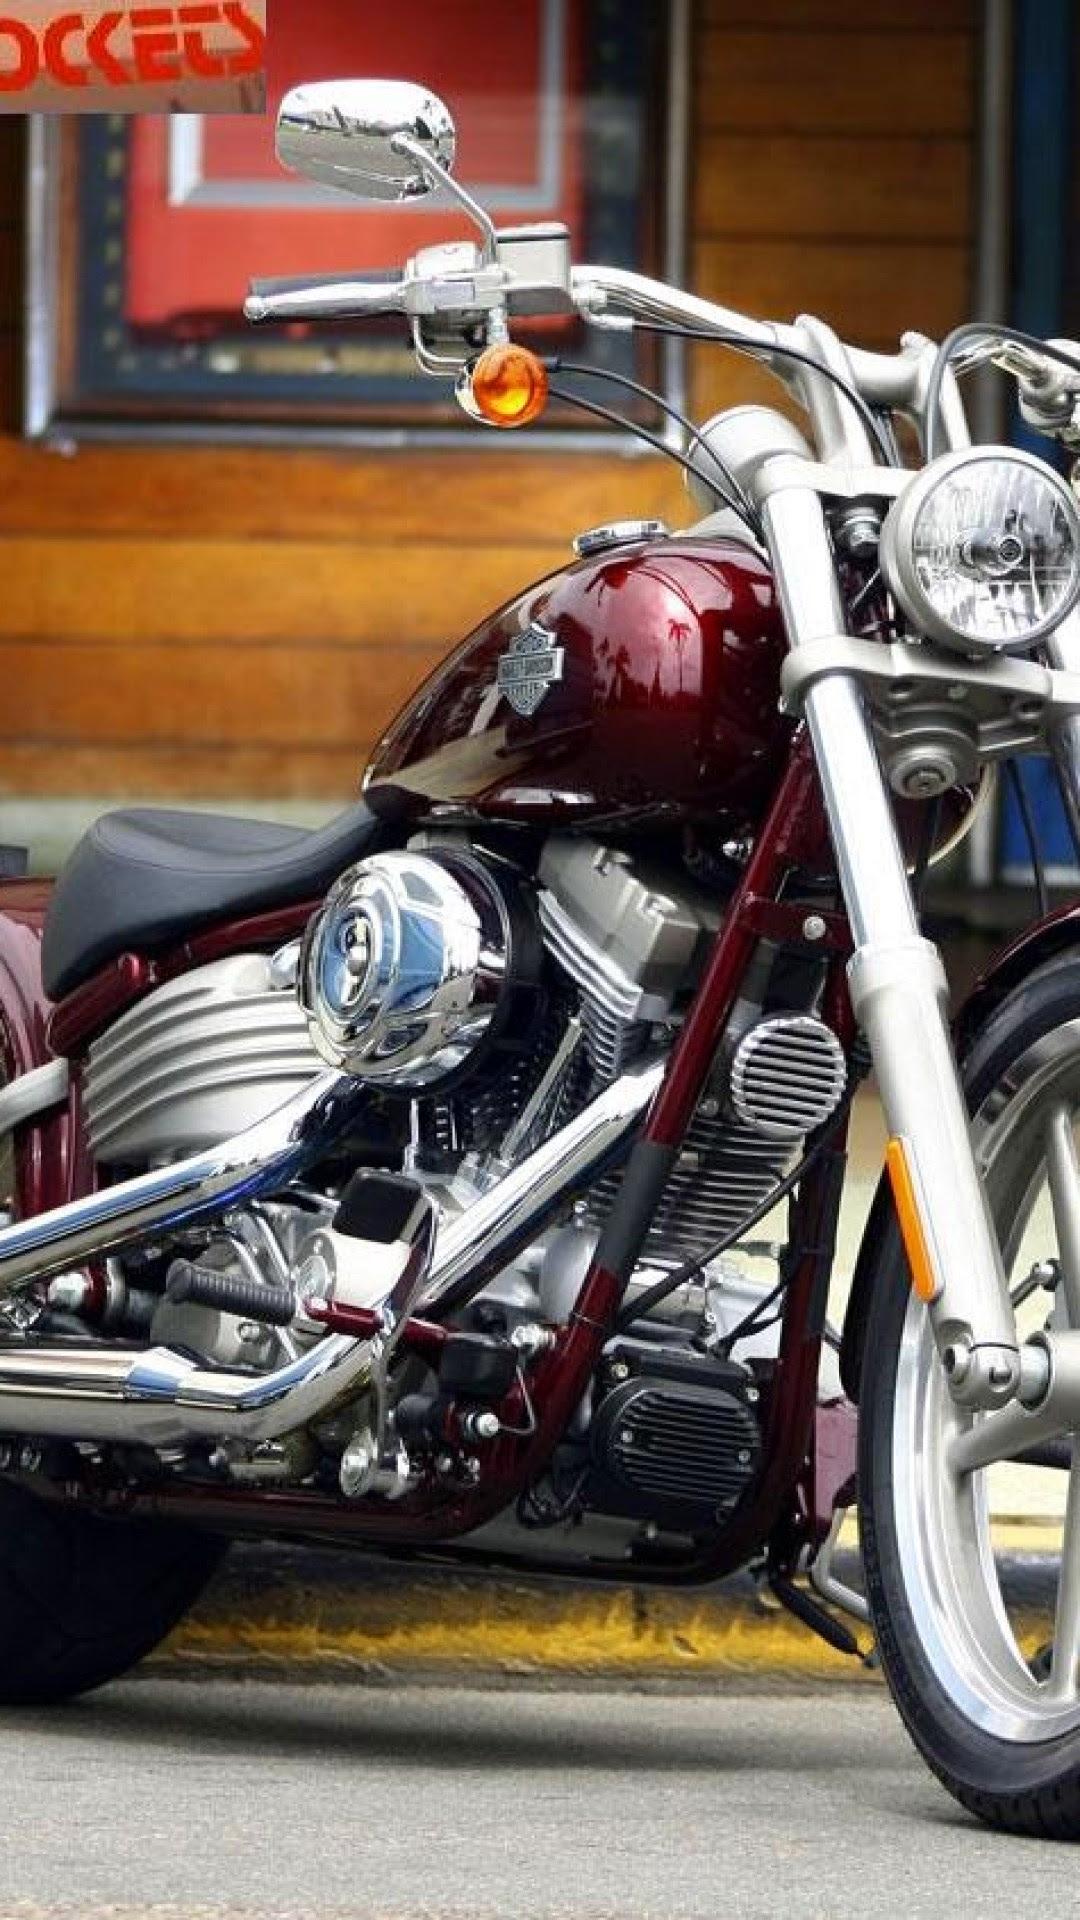 Download Kumpulan 85 Modifikasi Motor Jadul Jadi Harley Terbaik Dan